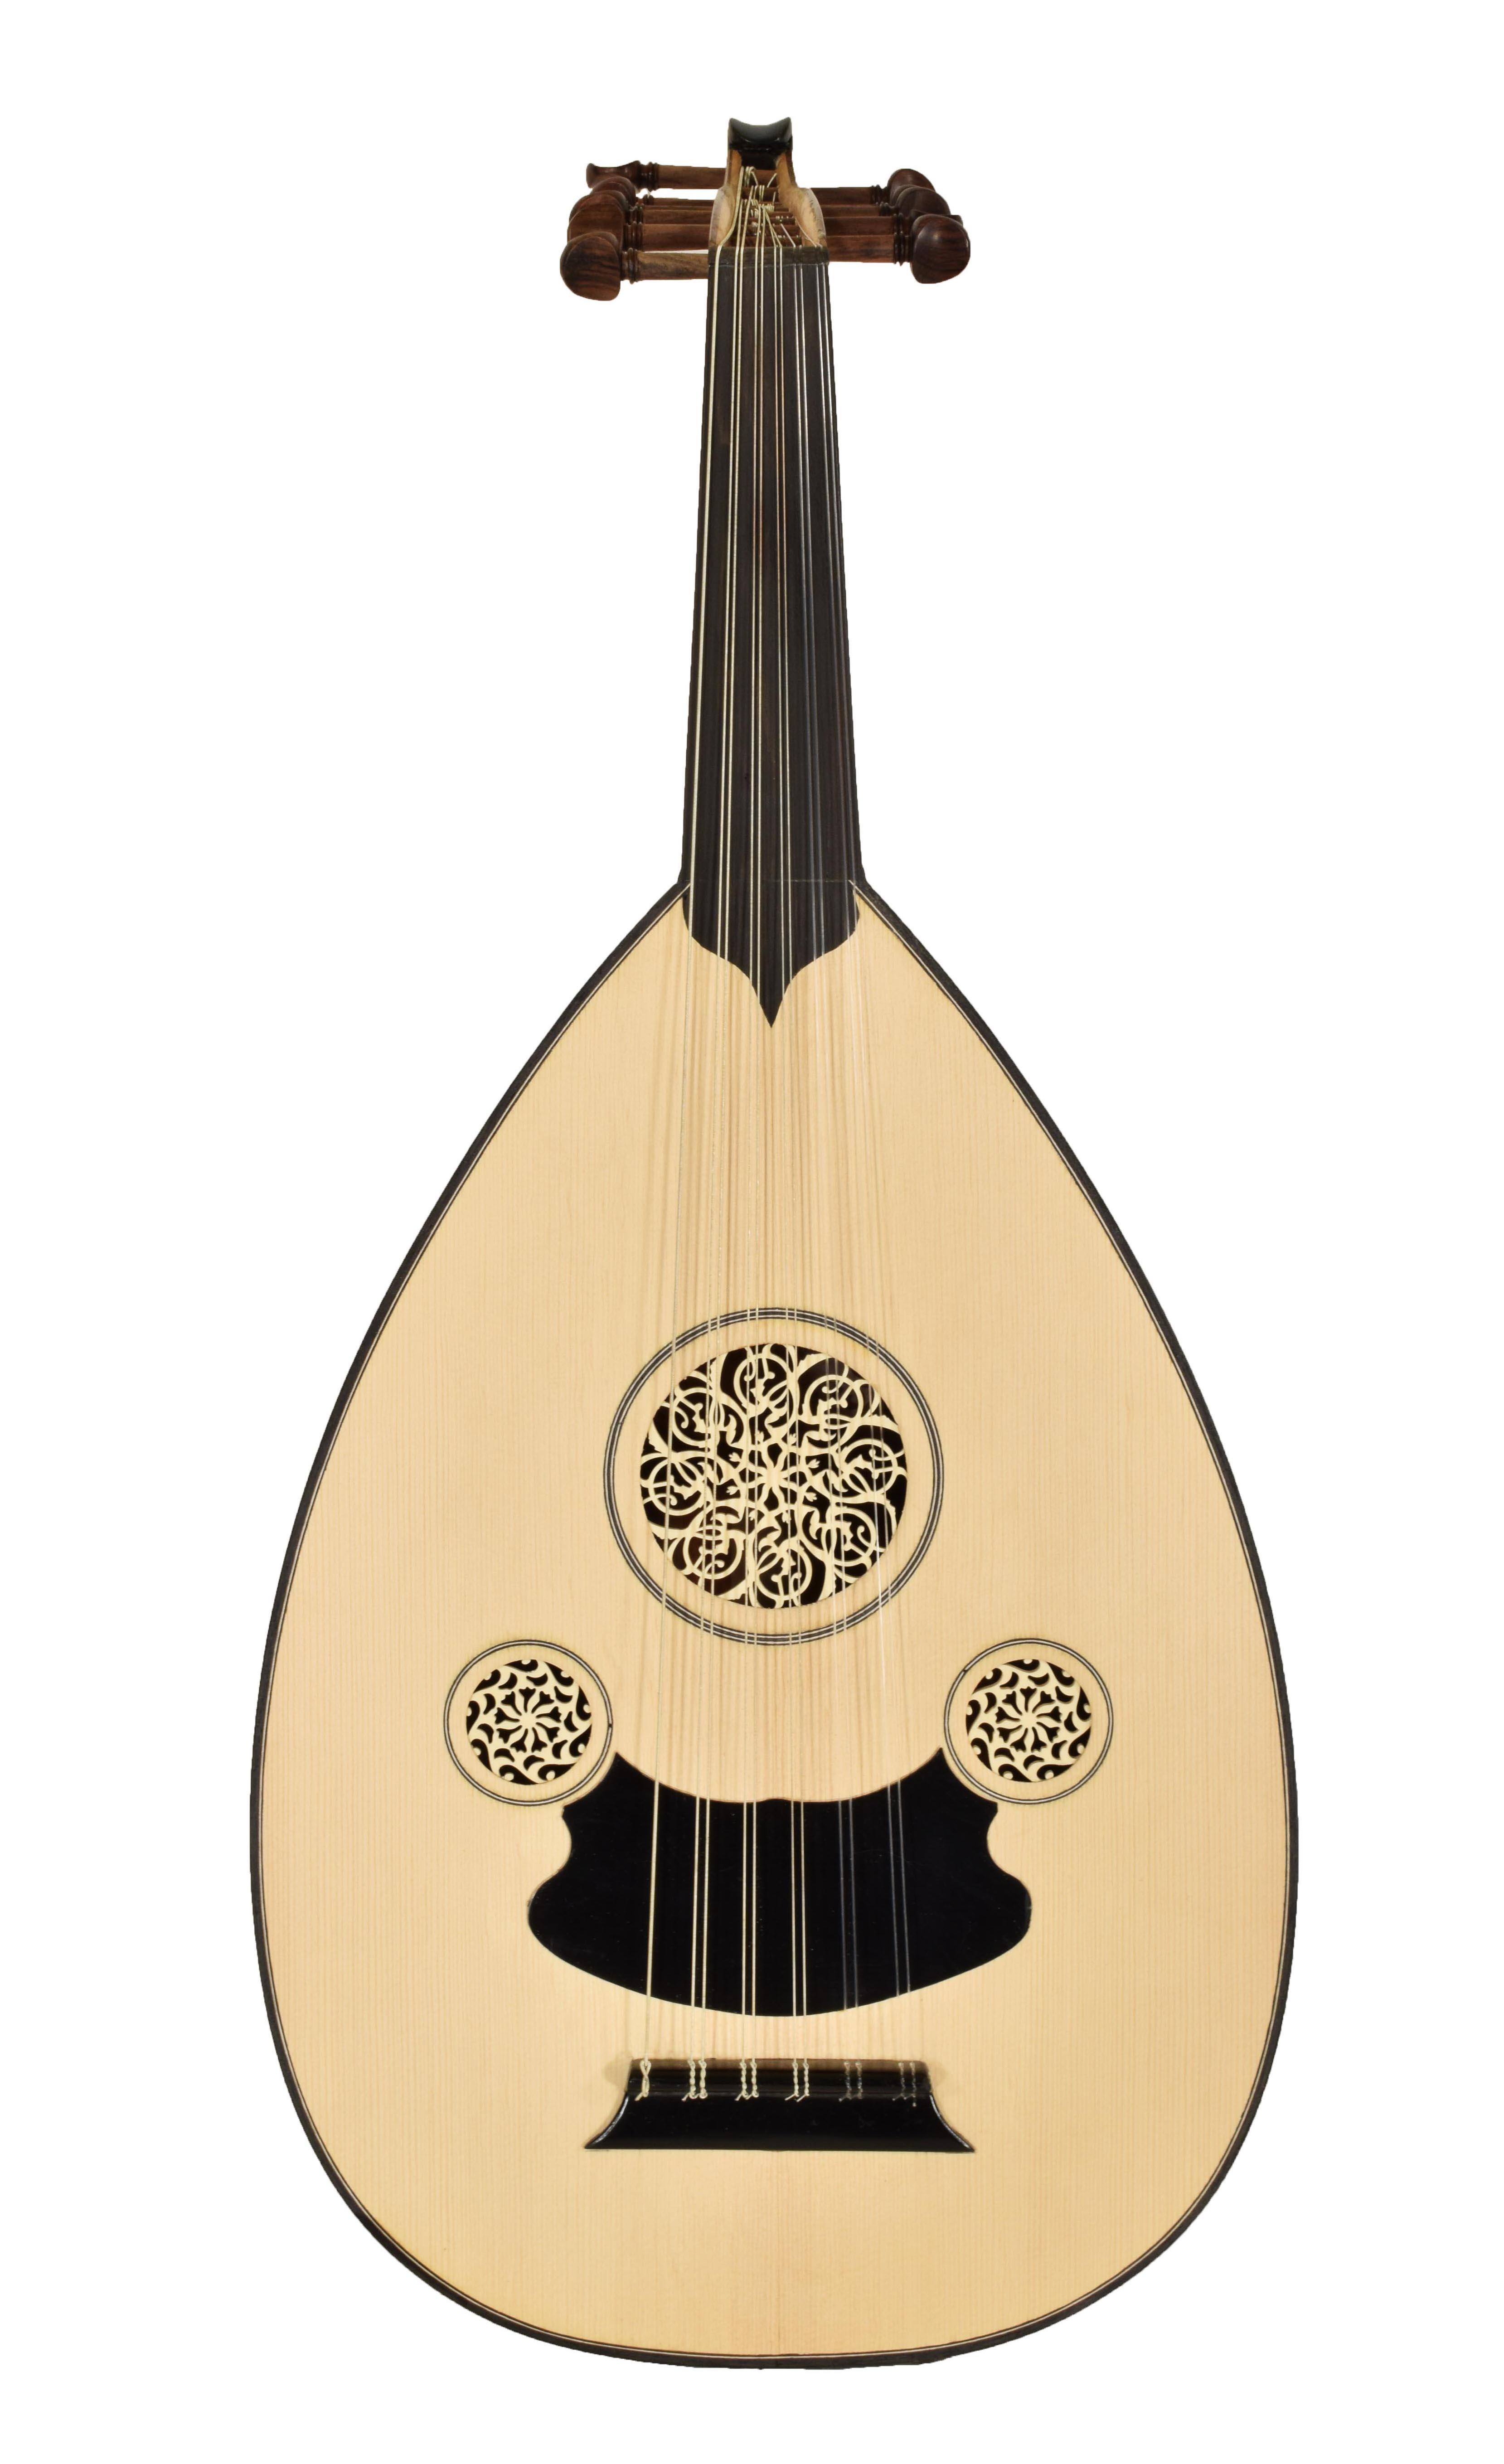 Oud Nefes - žene model 57